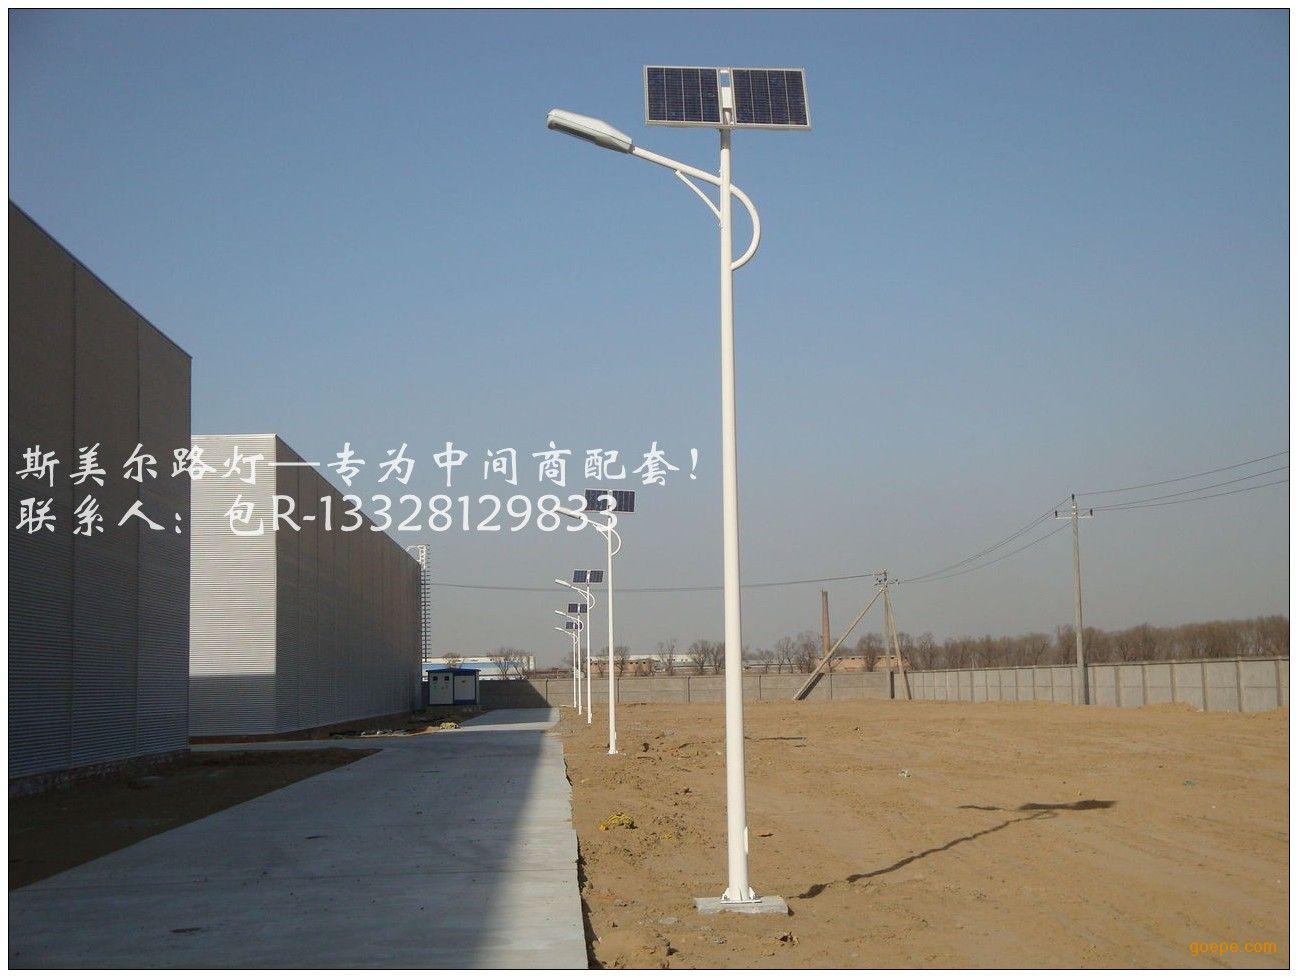 自2009年启动以来,已有许多的村庄用上了太阳能路灯 一事一议 太阳能图片